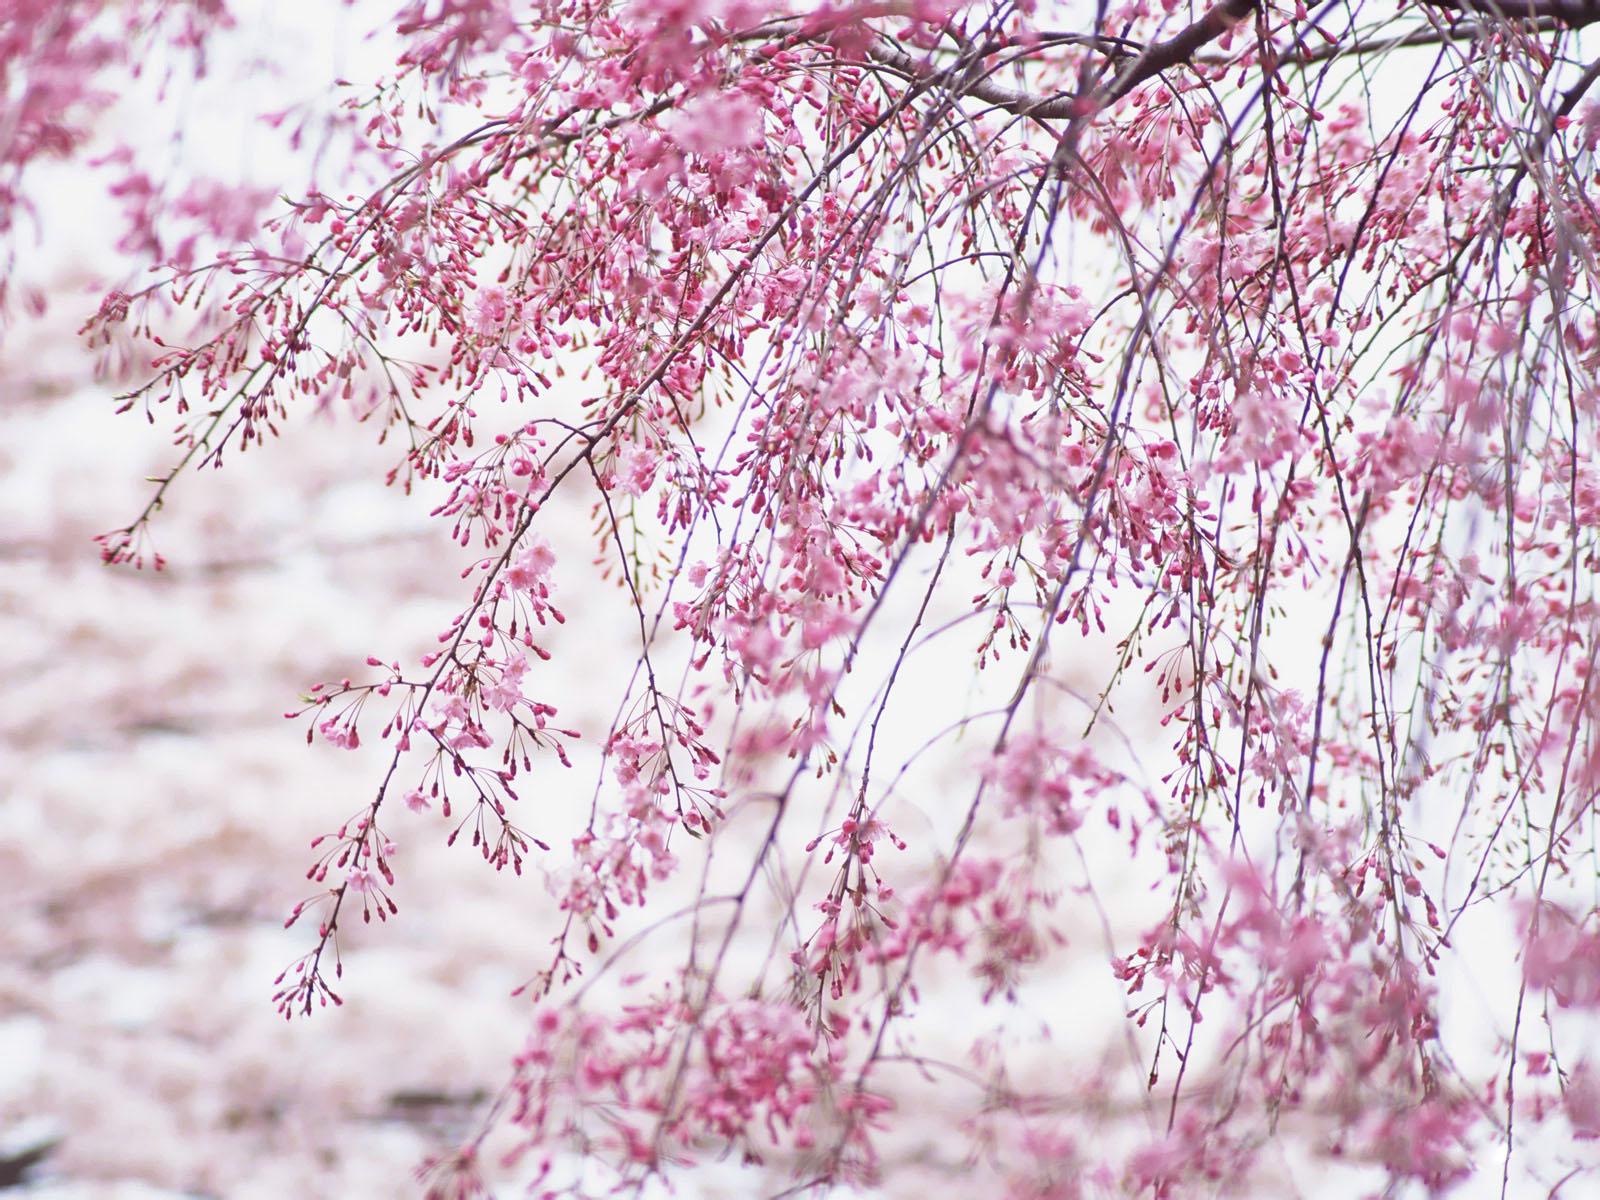 http://3.bp.blogspot.com/-MNRUa--j0fY/UQJP-ywlvRI/AAAAAAAAKL0/bHIqCfl1pRM/s1600/hinh-nen-hd-dep-hoa-anh-dao-Japanese_nice_wallpapers-windows-8_xuan-2013-121_EZ187.jpg